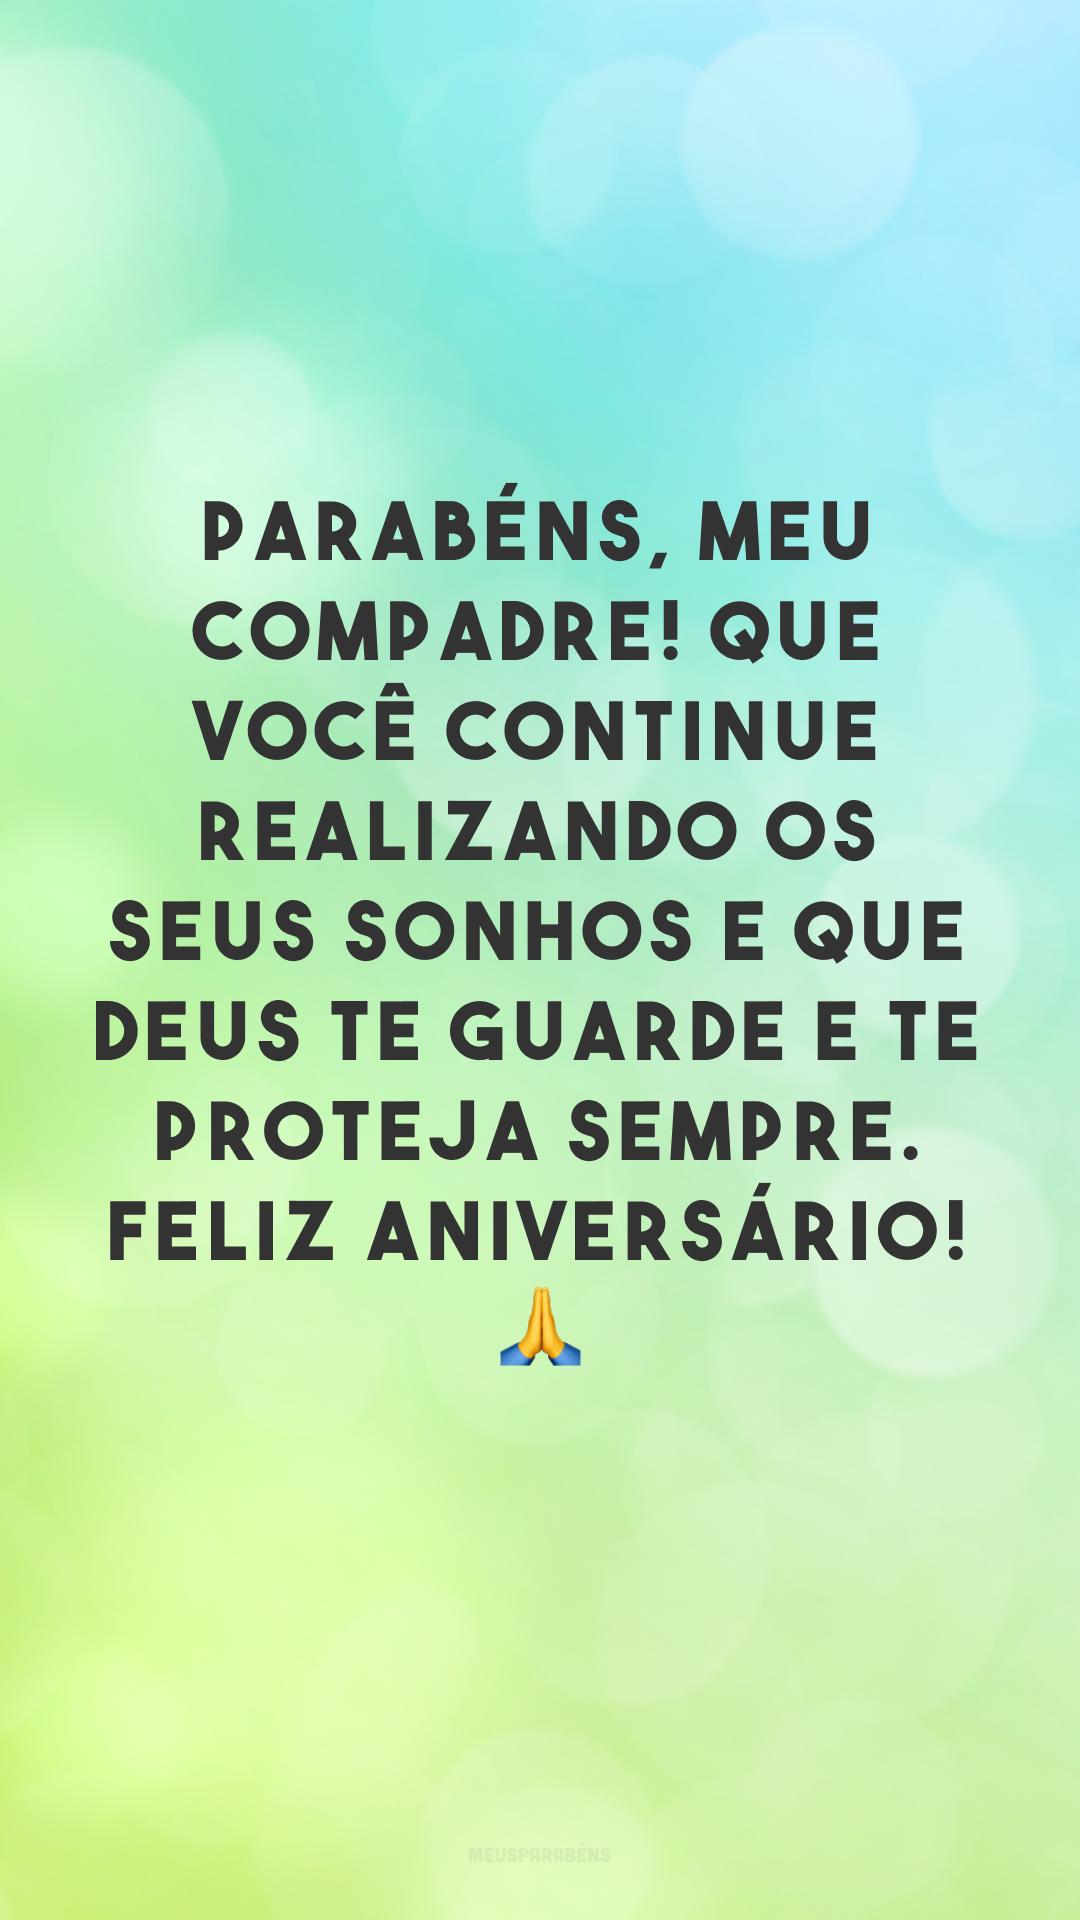 Parabéns, meu compadre! Que você continue realizando os seus sonhos e que Deus te guarde e te proteja sempre. Feliz aniversário! 🙏